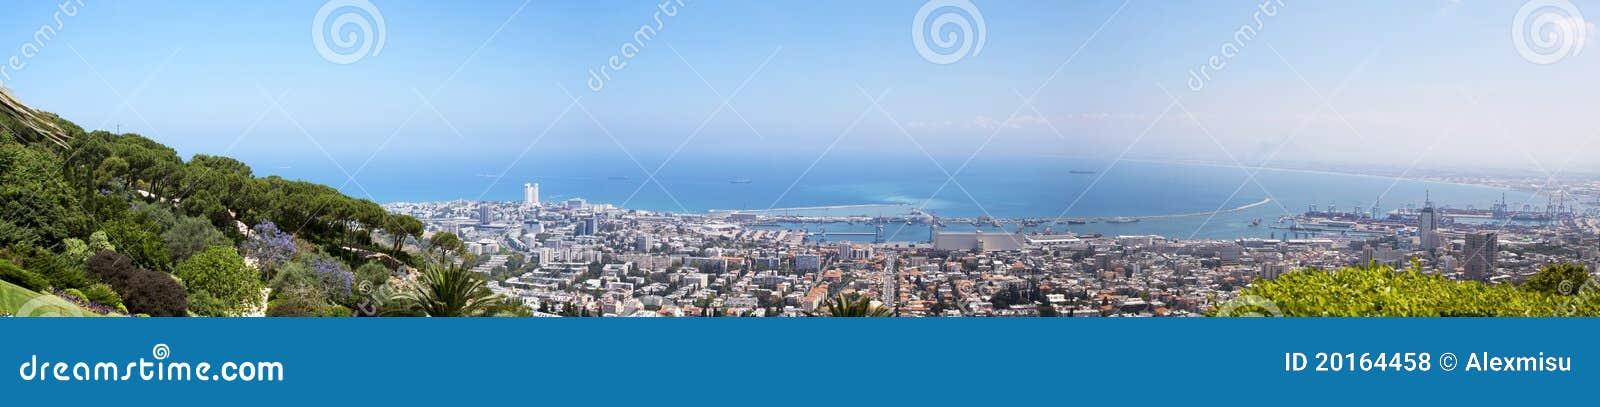 Hayfa landscape